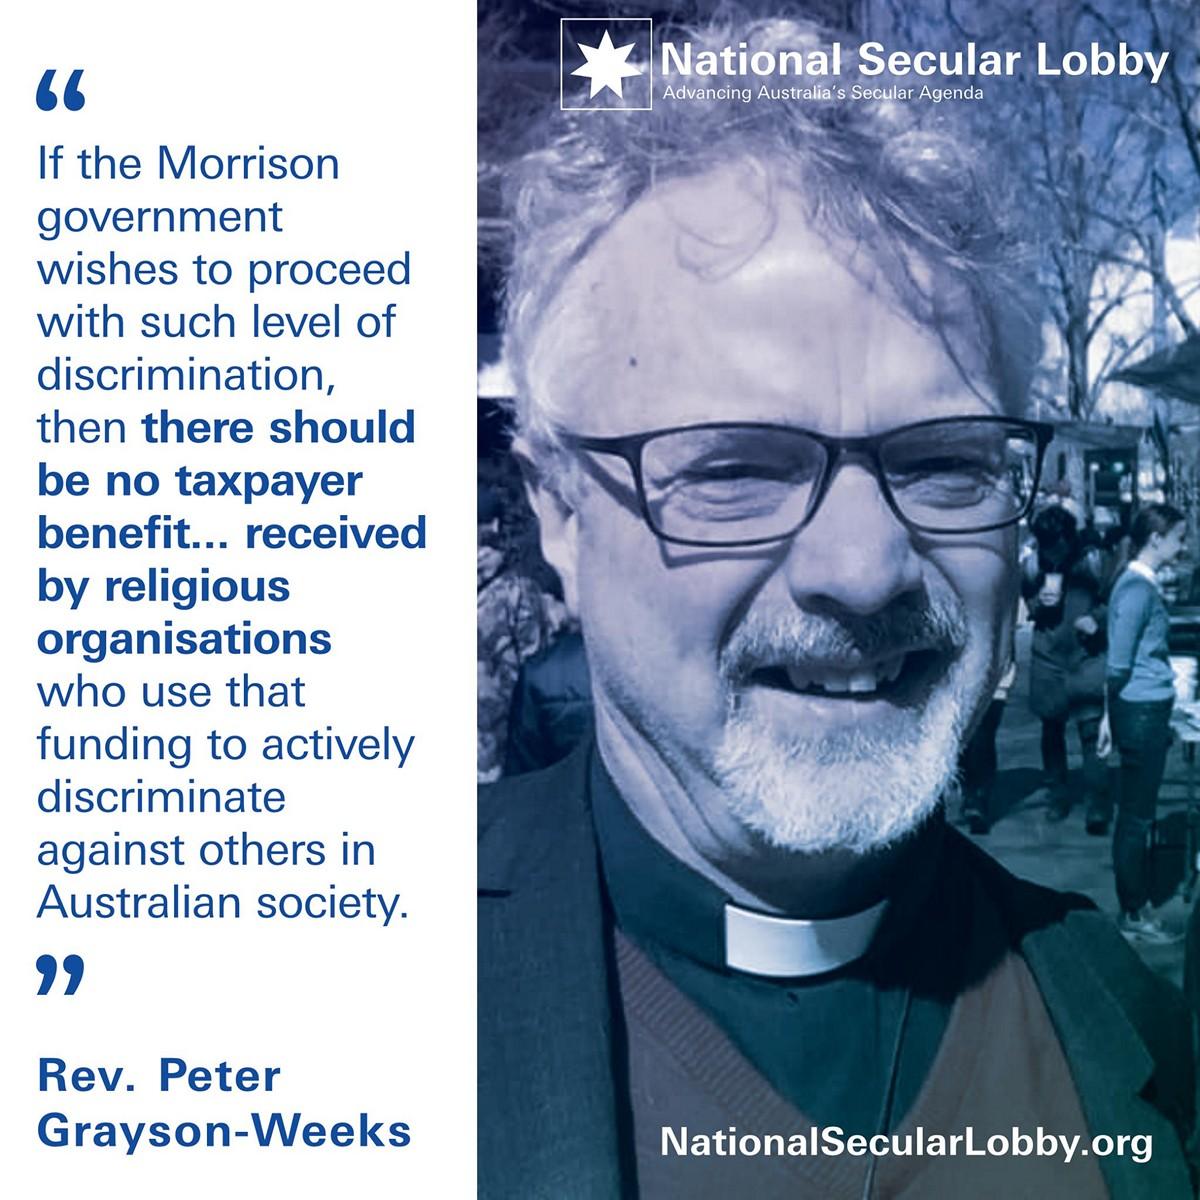 Peter Grayson-Weeks - Religious Apartheid